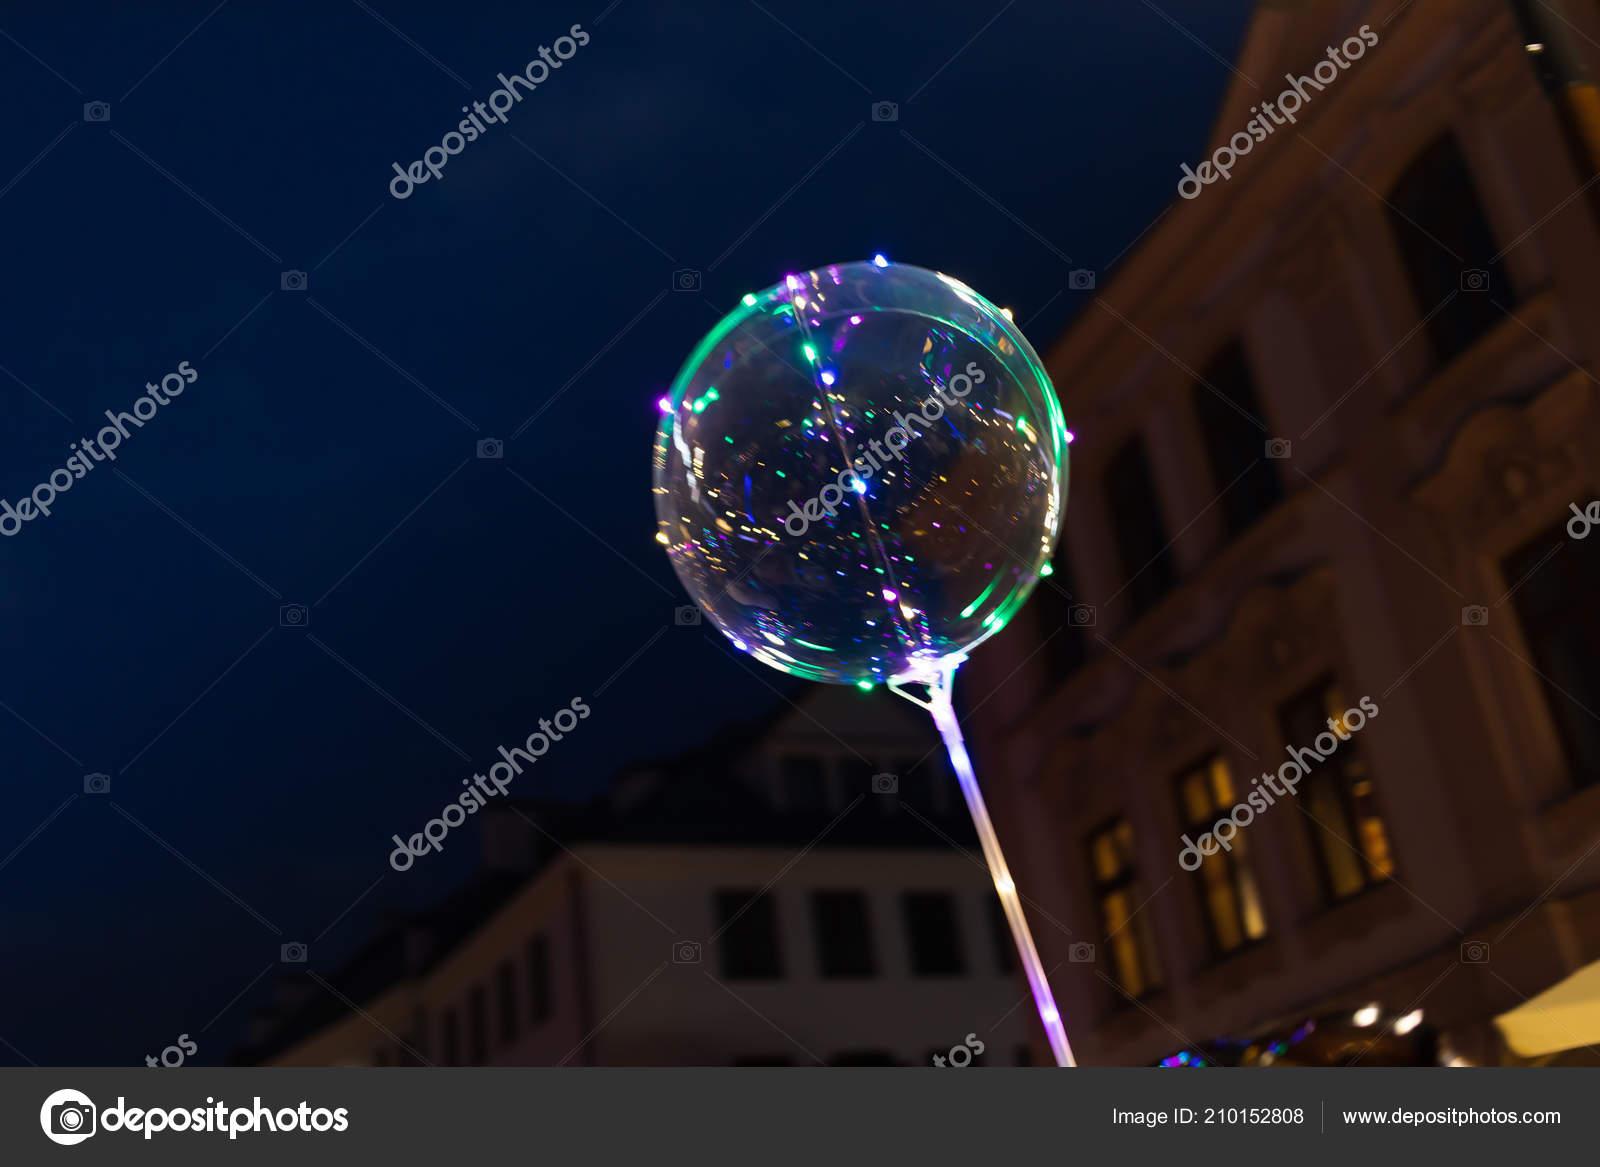 Ballonnen Met Licht : Lublin polen jul led doorzichtige ballon met veelkleurige